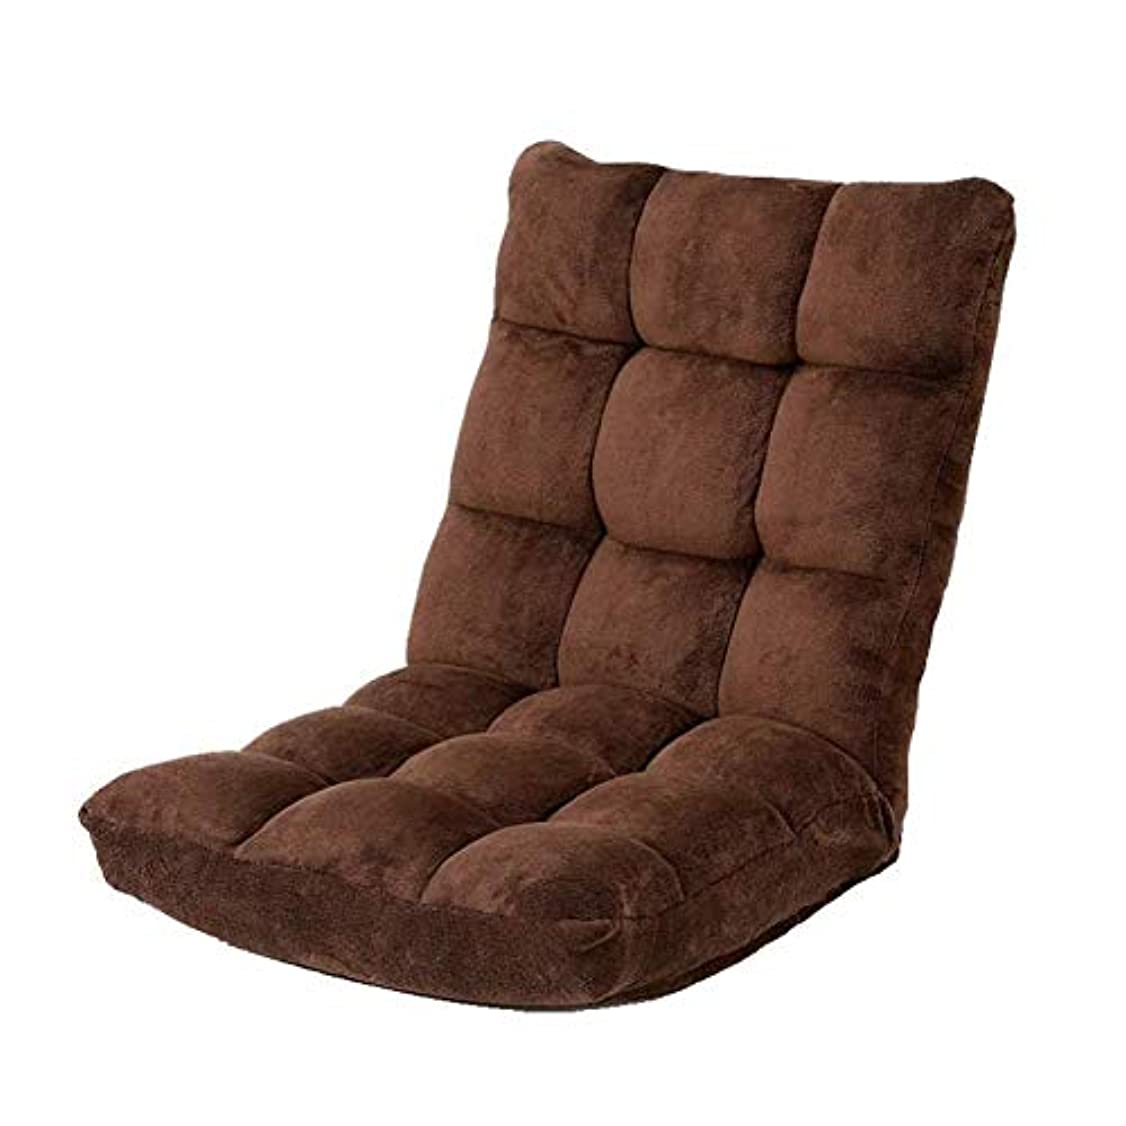 民主党でも幾分瞑想用椅子、座りソファー、折りたたみ式畳床、折りたたみ式解体および洗濯可能増粘、レッグレスカジュアルシングルリクライニングベッド (Color : Brown)